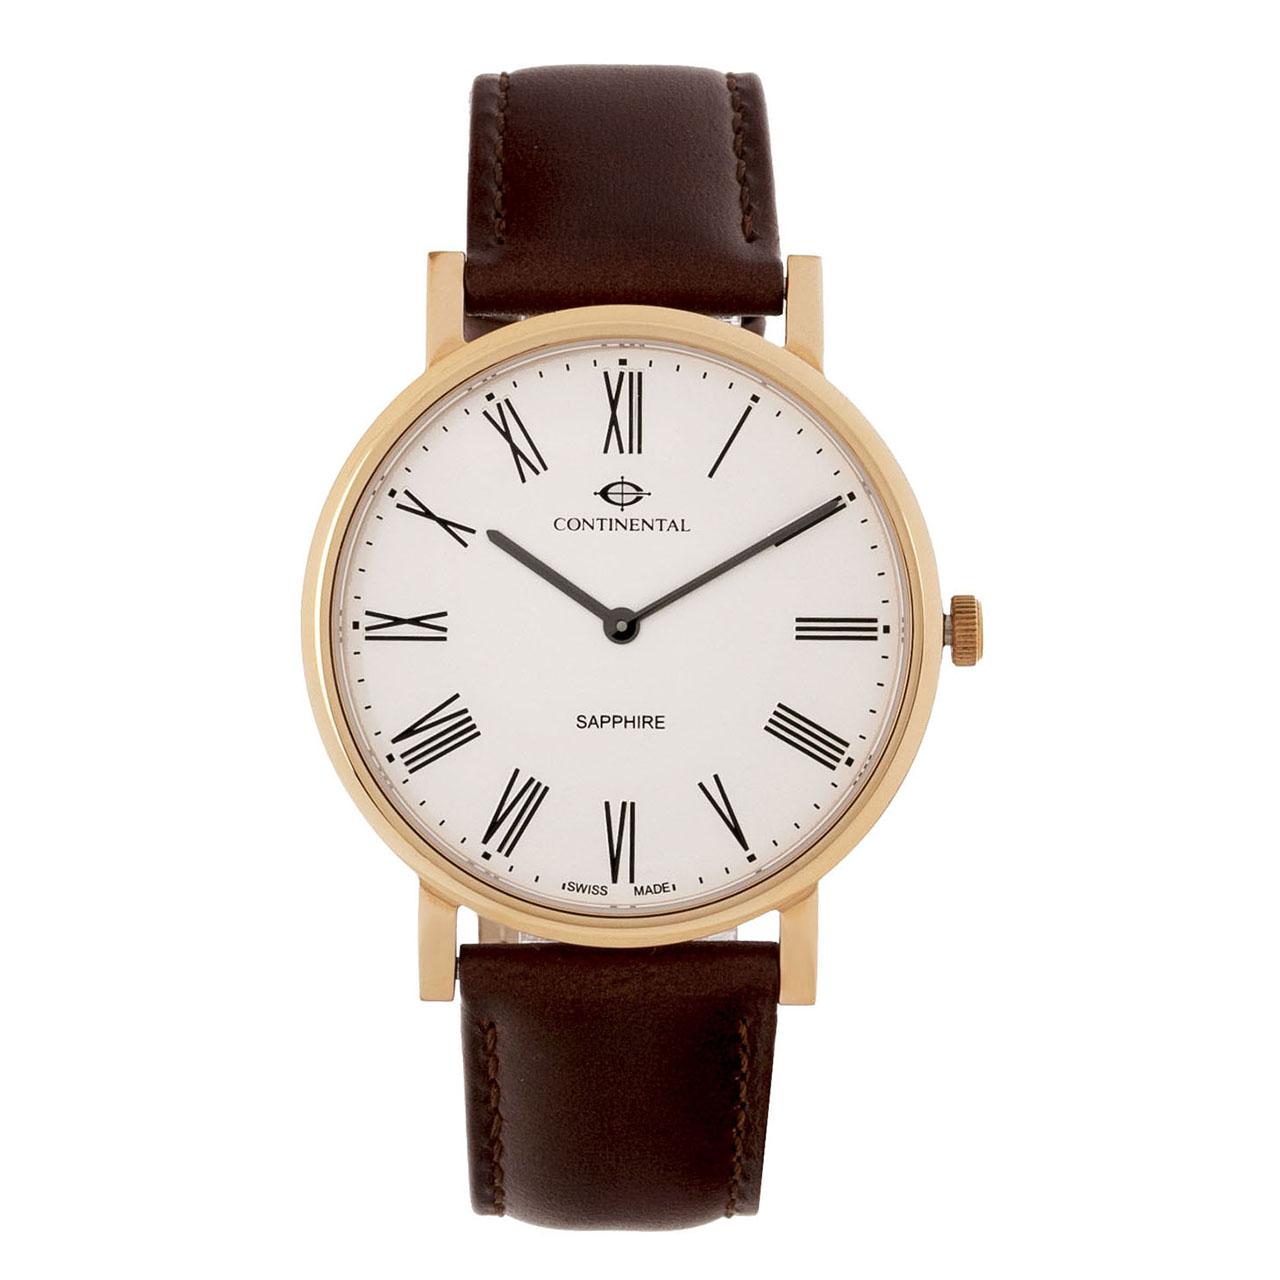 ساعت مچی عقربه ای مردانه کنتیننتال مدل 17101-R157R 42